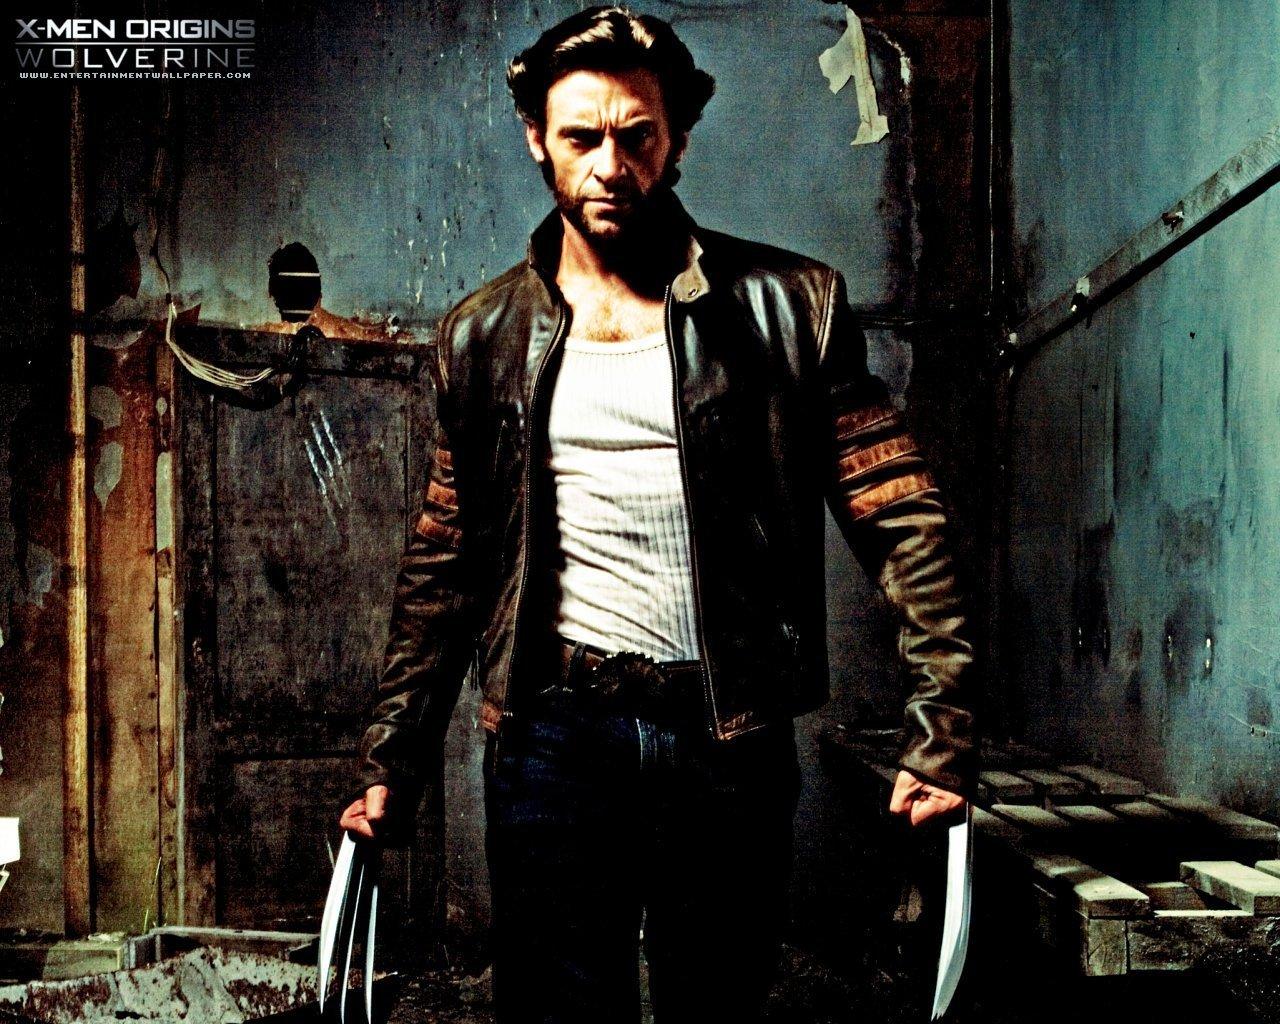 Wolverine wallpaper download impremedia men origins wolverine wallpaper upcoming movies wallpaper voltagebd Images